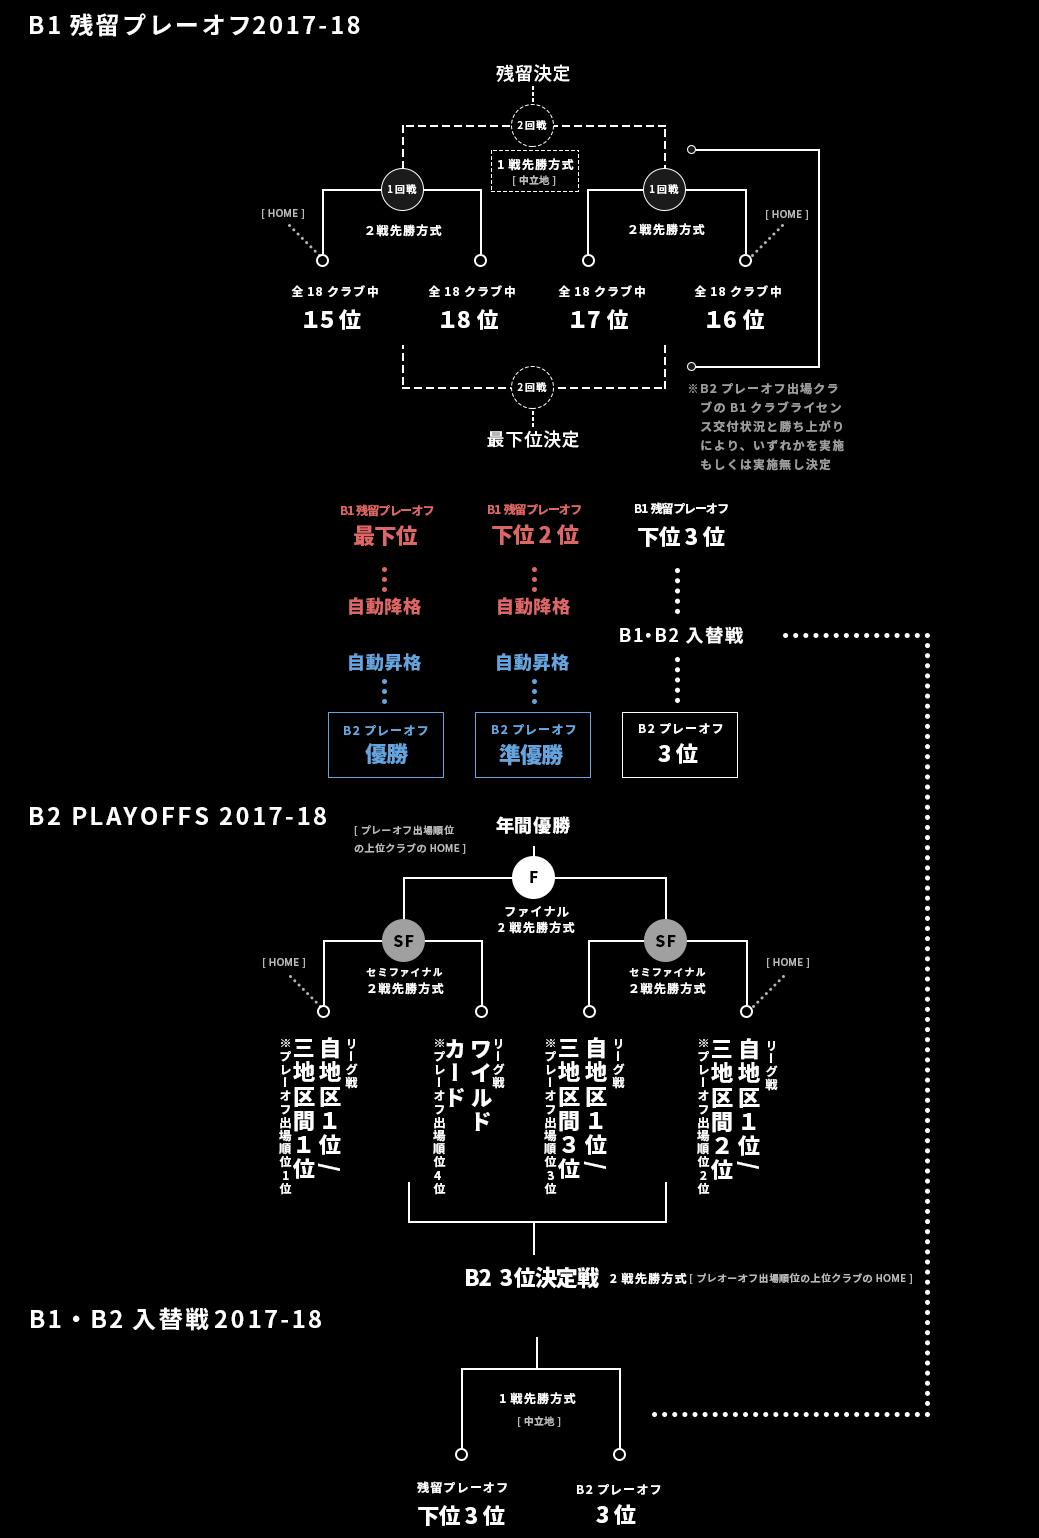 B.LEAGUE(Bリーグ)B1・B2プレーオフトーナメント表